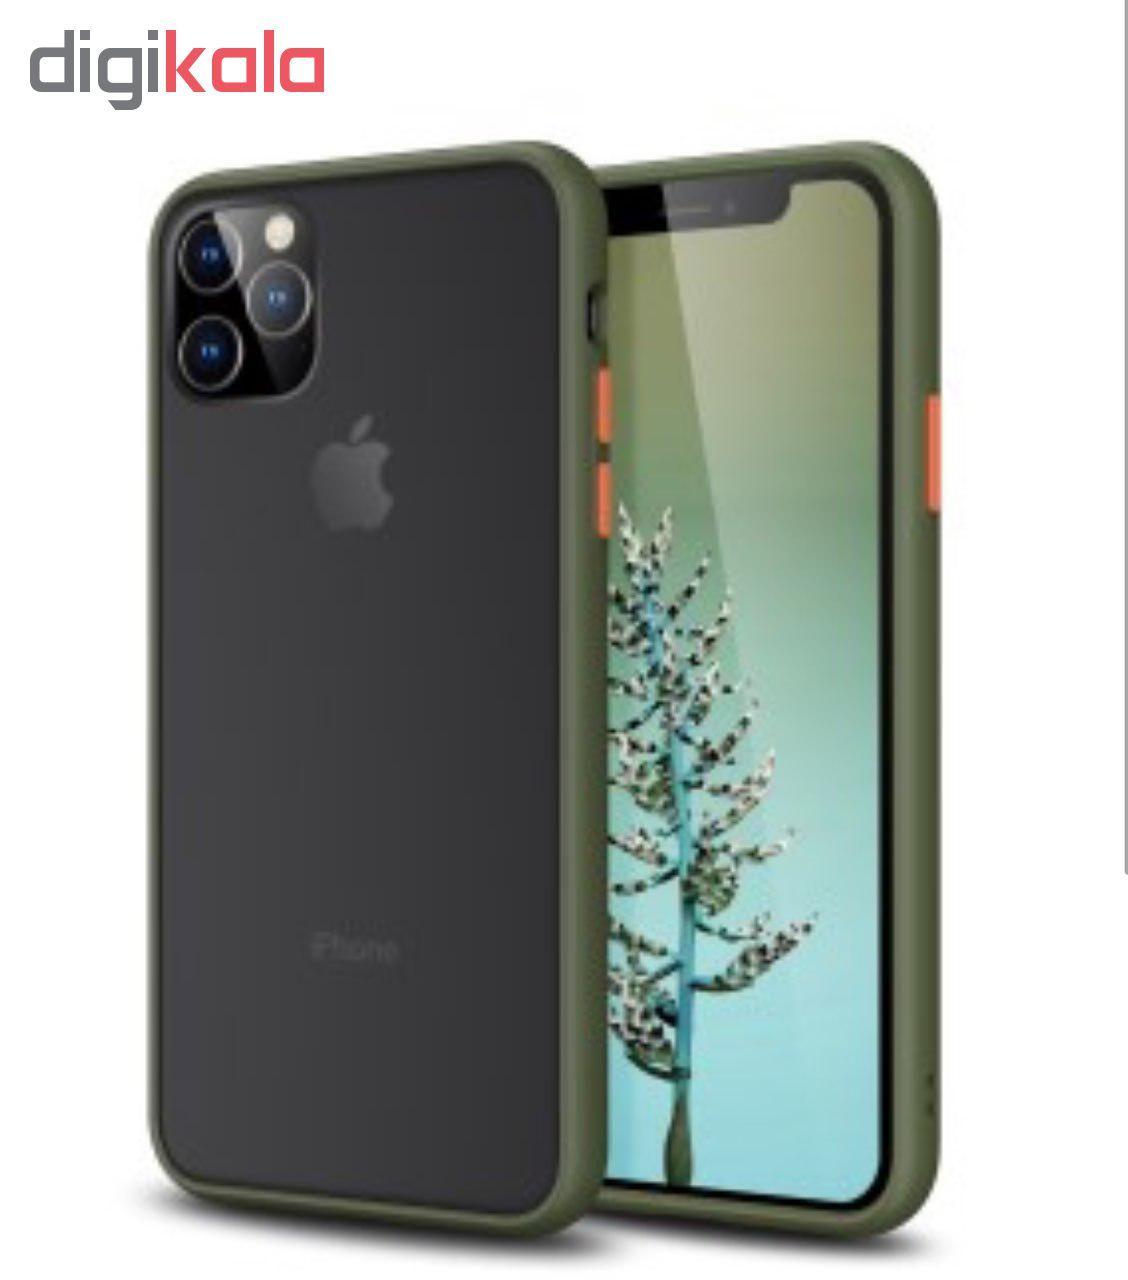 کاور مدل nxcb مناسب برای گوشی موبایل اپل iphone 11 pro main 1 9